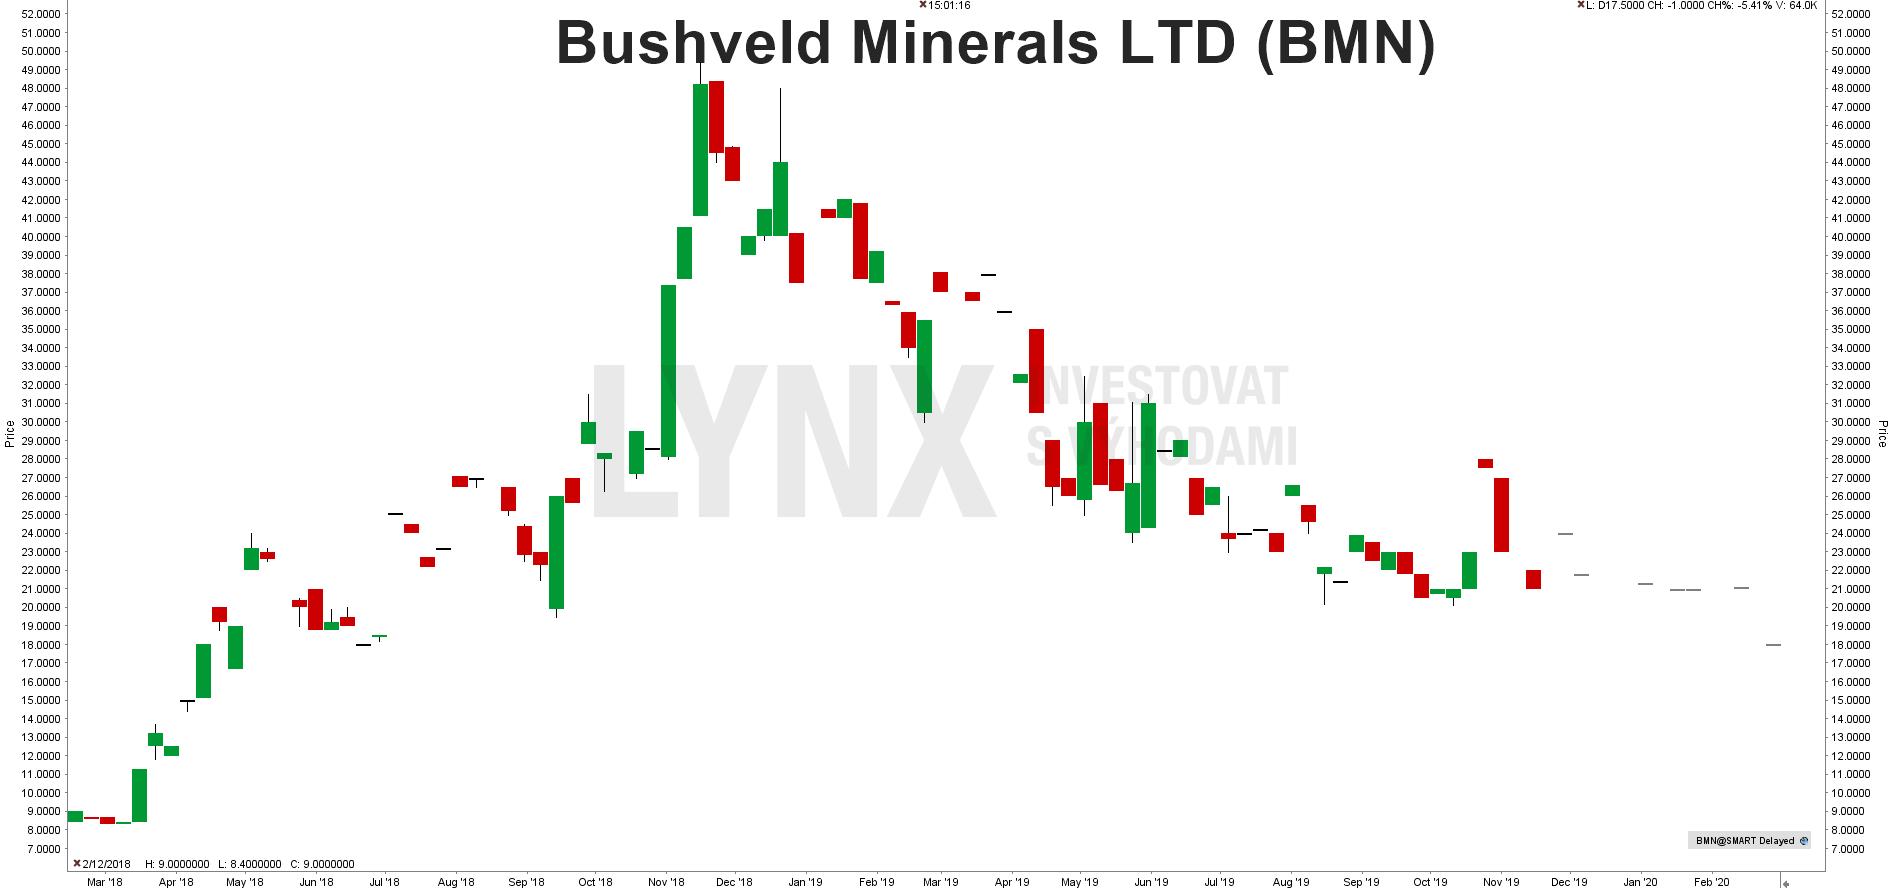 Akcie Bushveld Minerals LTD (BMN)